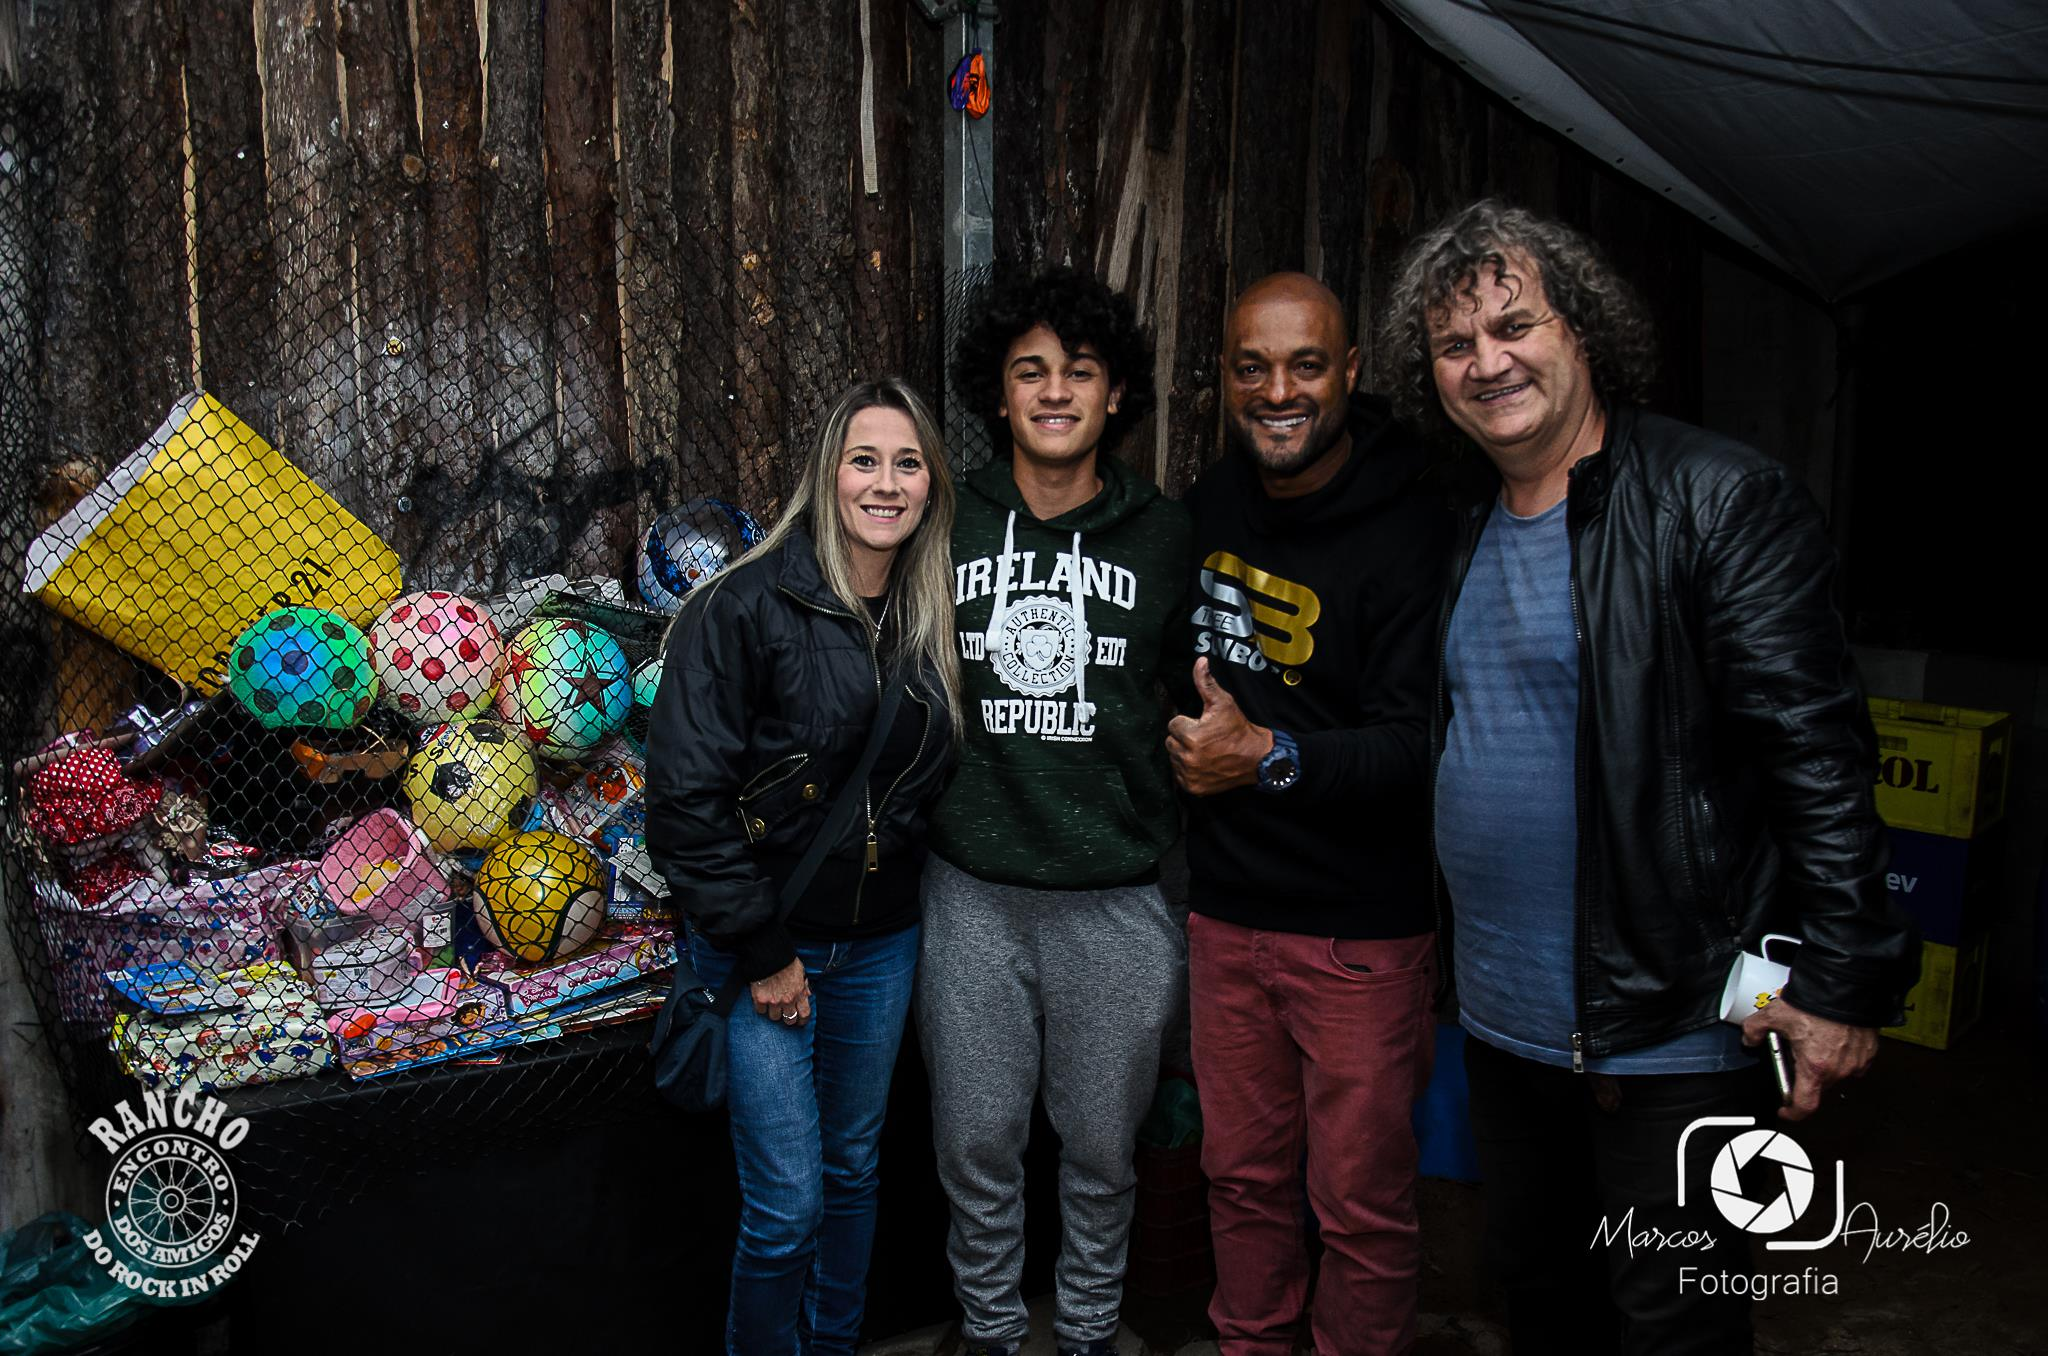 Social Rock - Marco Aurélio Almeida